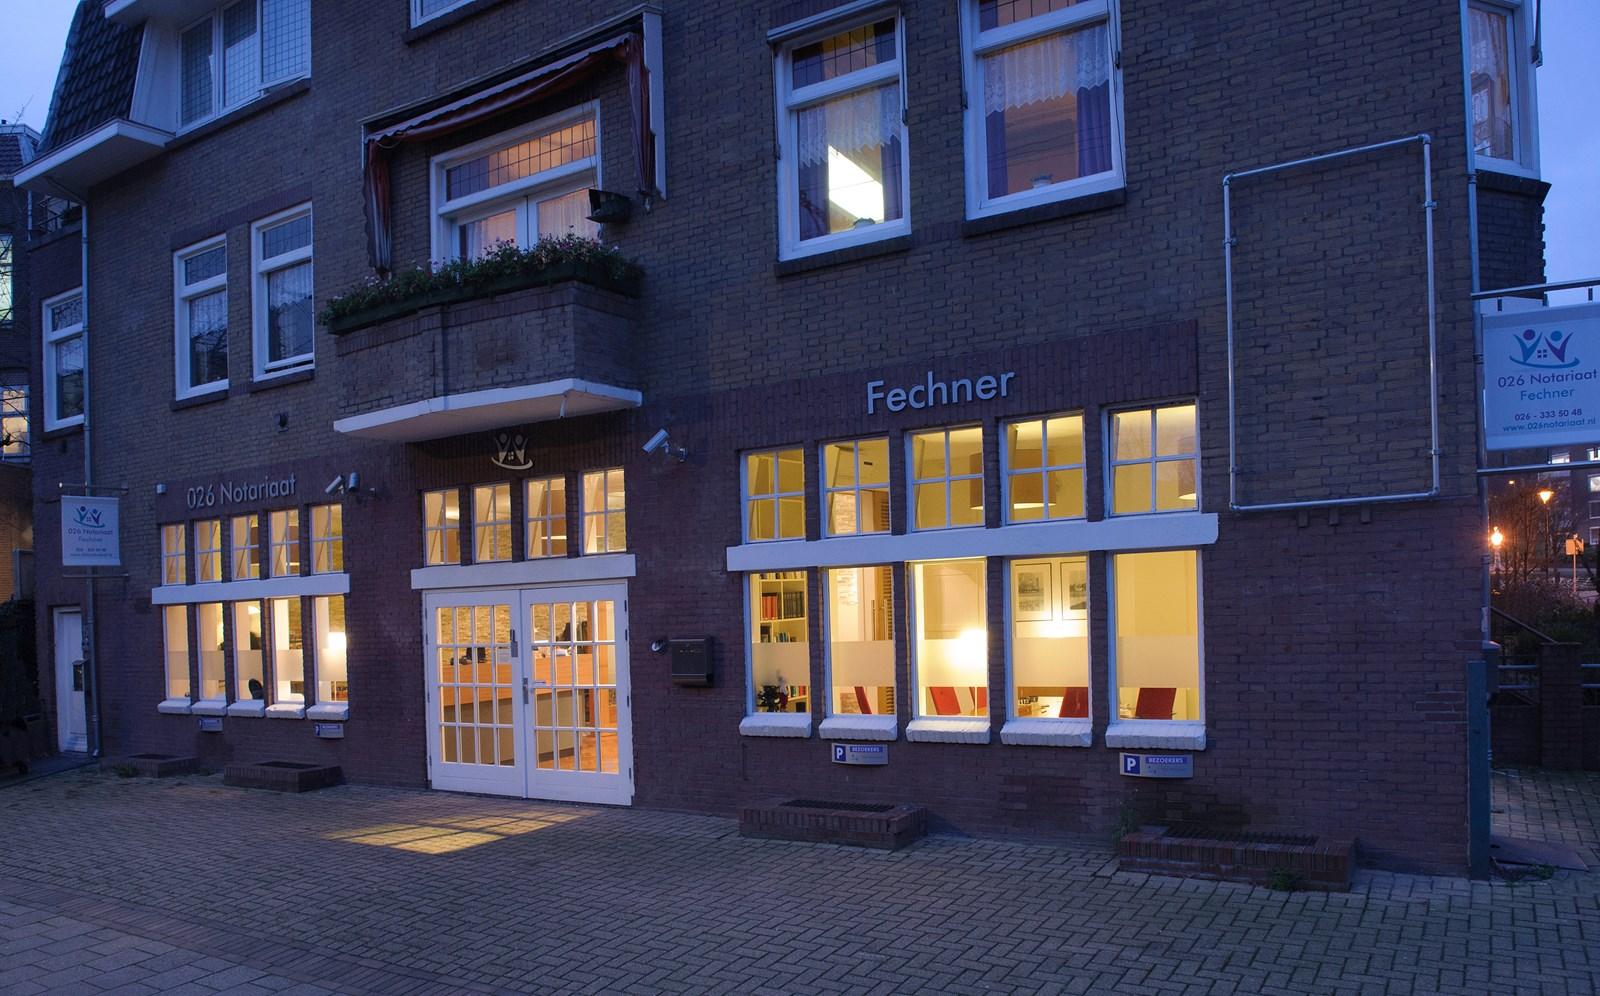 026 Notariaat Fechner